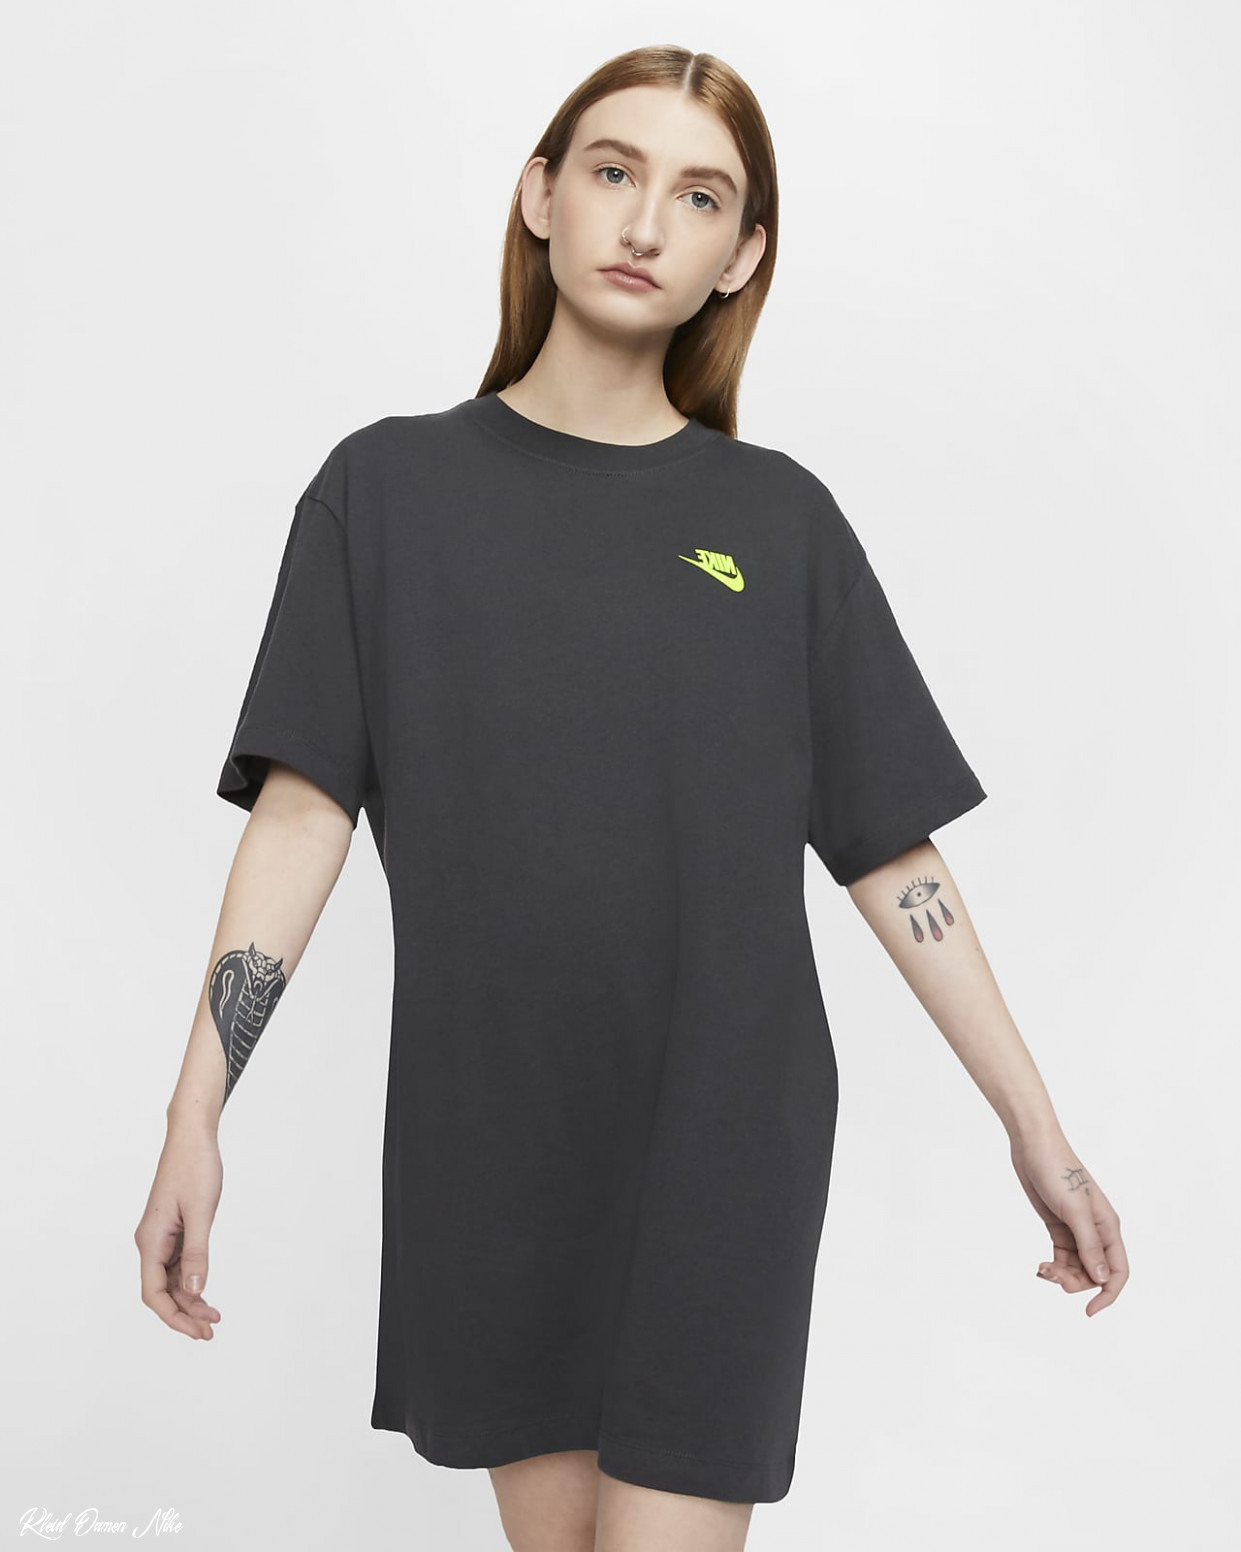 Kleid Damen Nike  Abendkleider